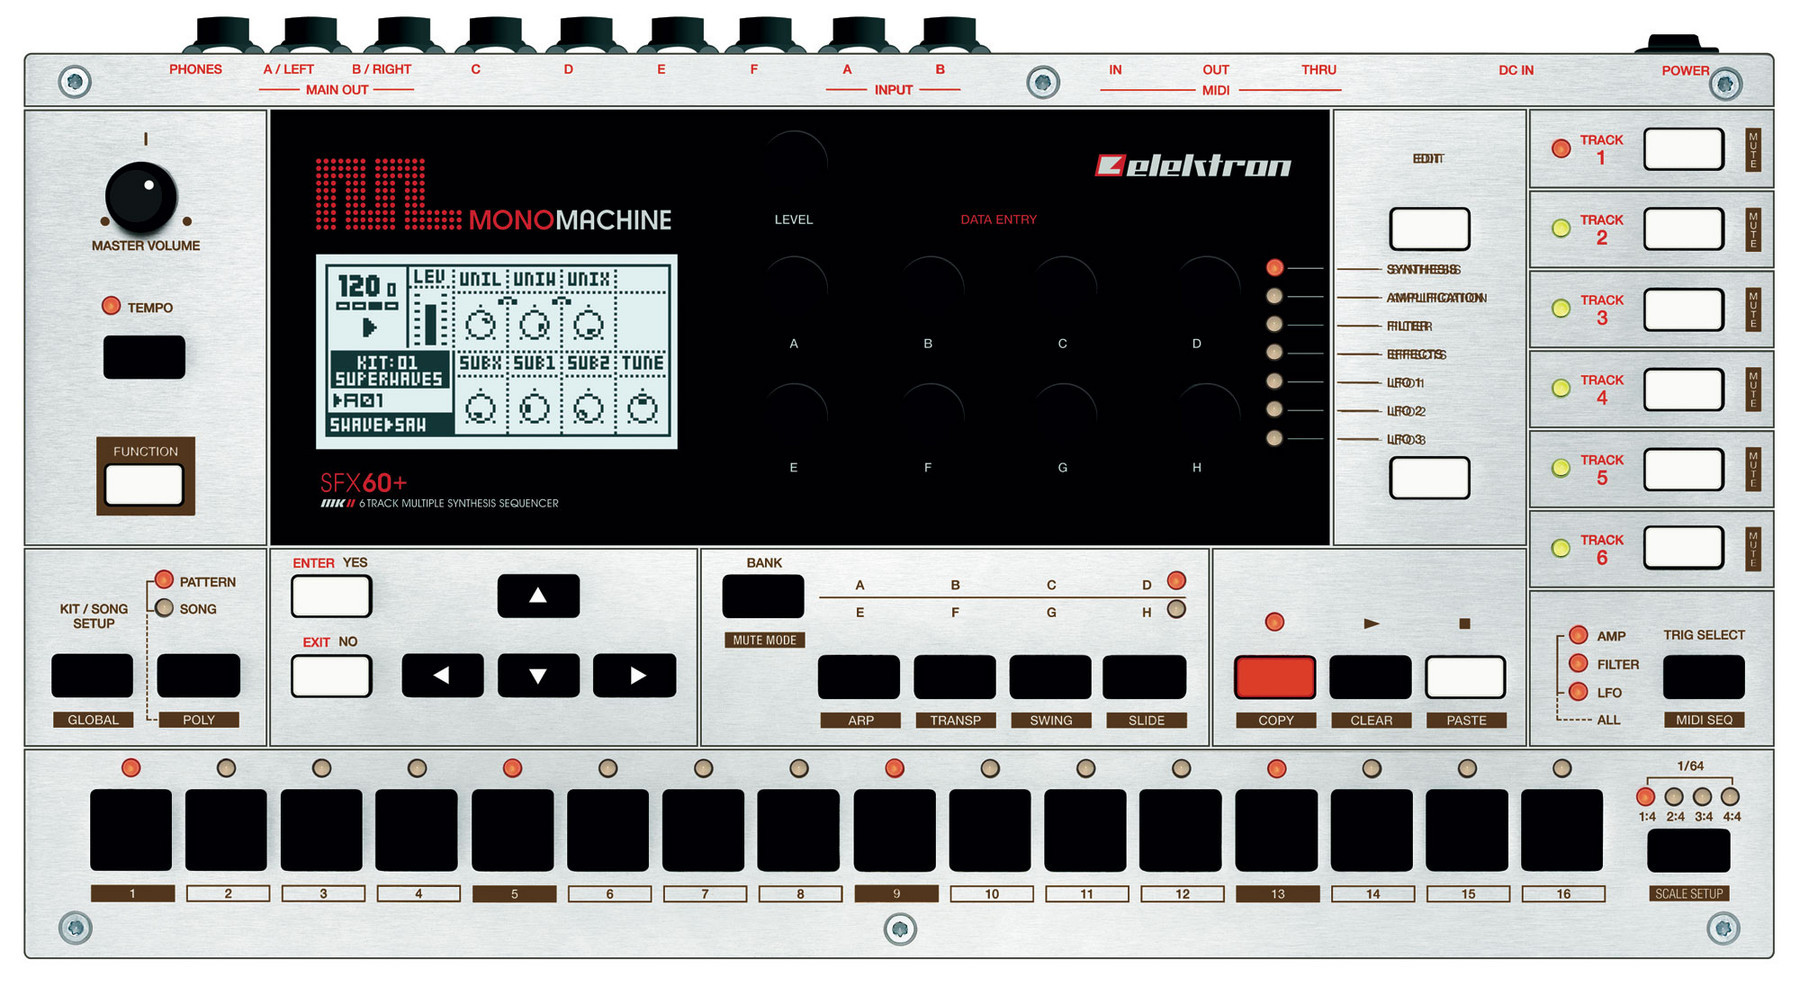 Elektron monomachine sfx60+ mkii